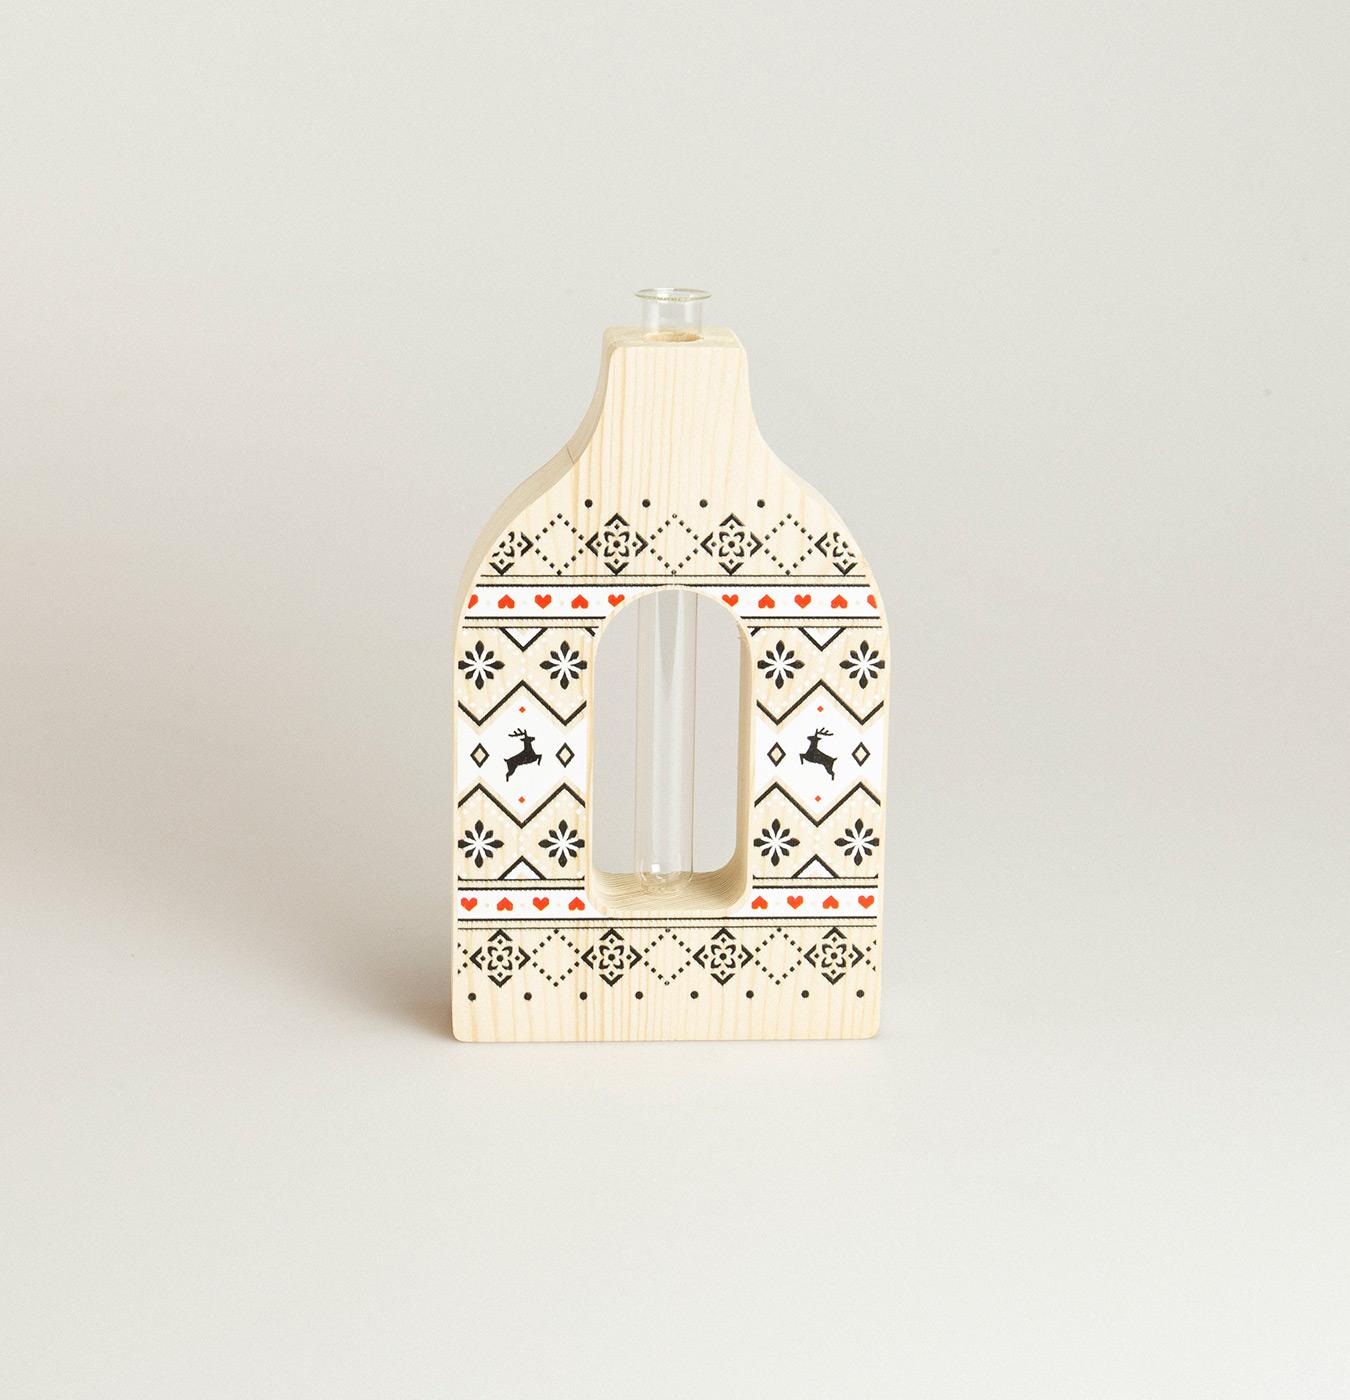 Portafiore in legno di abete stampato con fialetta in vetro per fiore